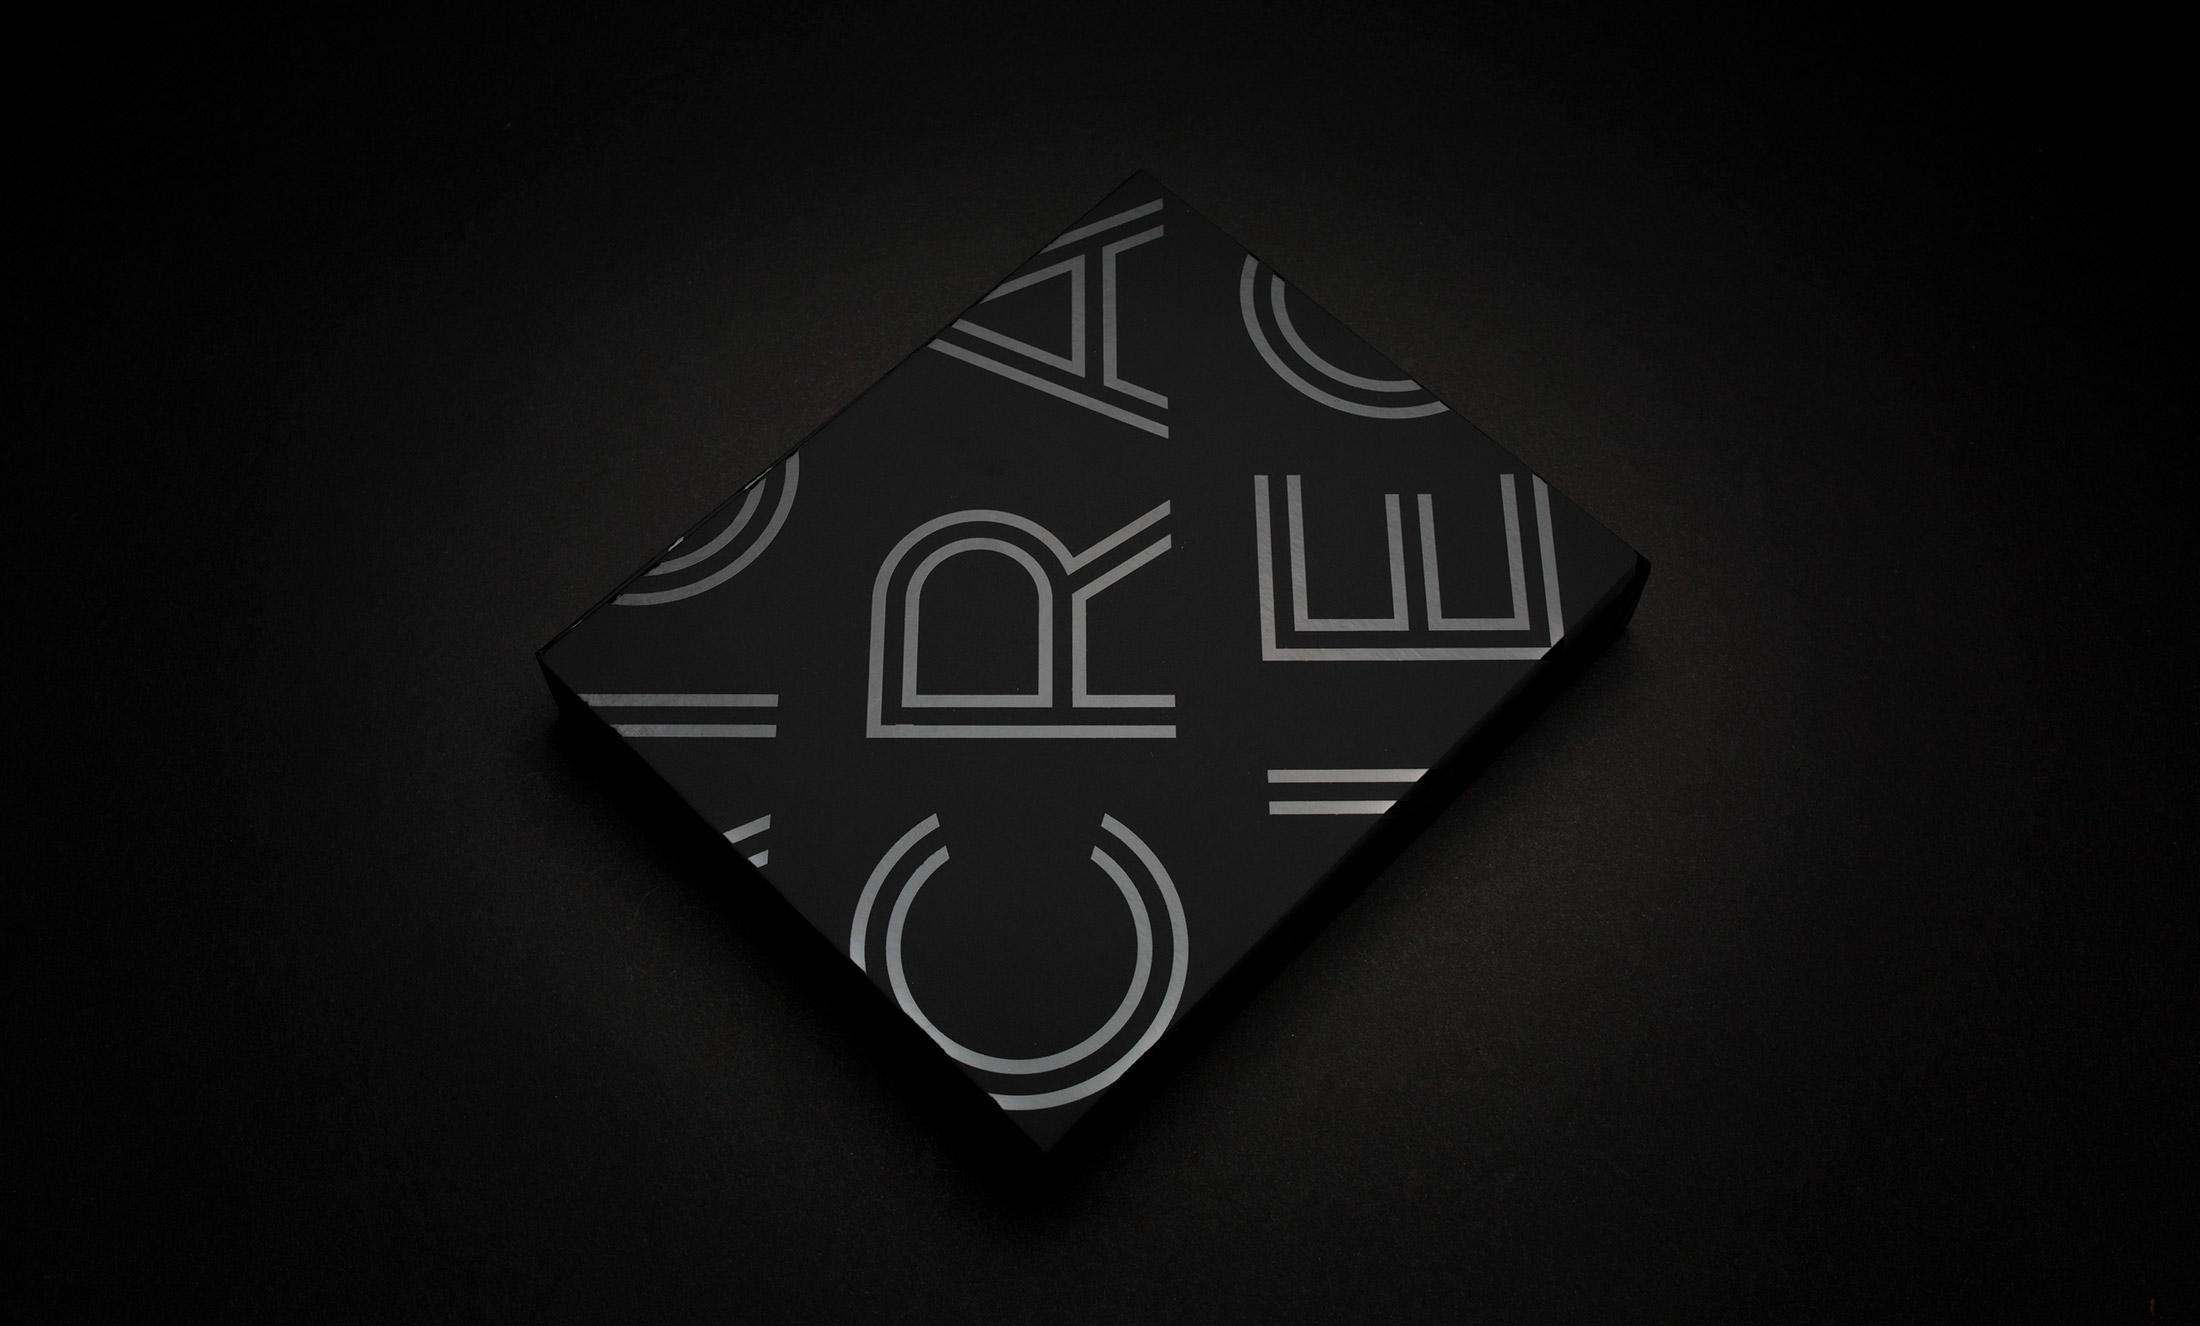 Craig Alibone Chocolate 品牌推广插图(1)